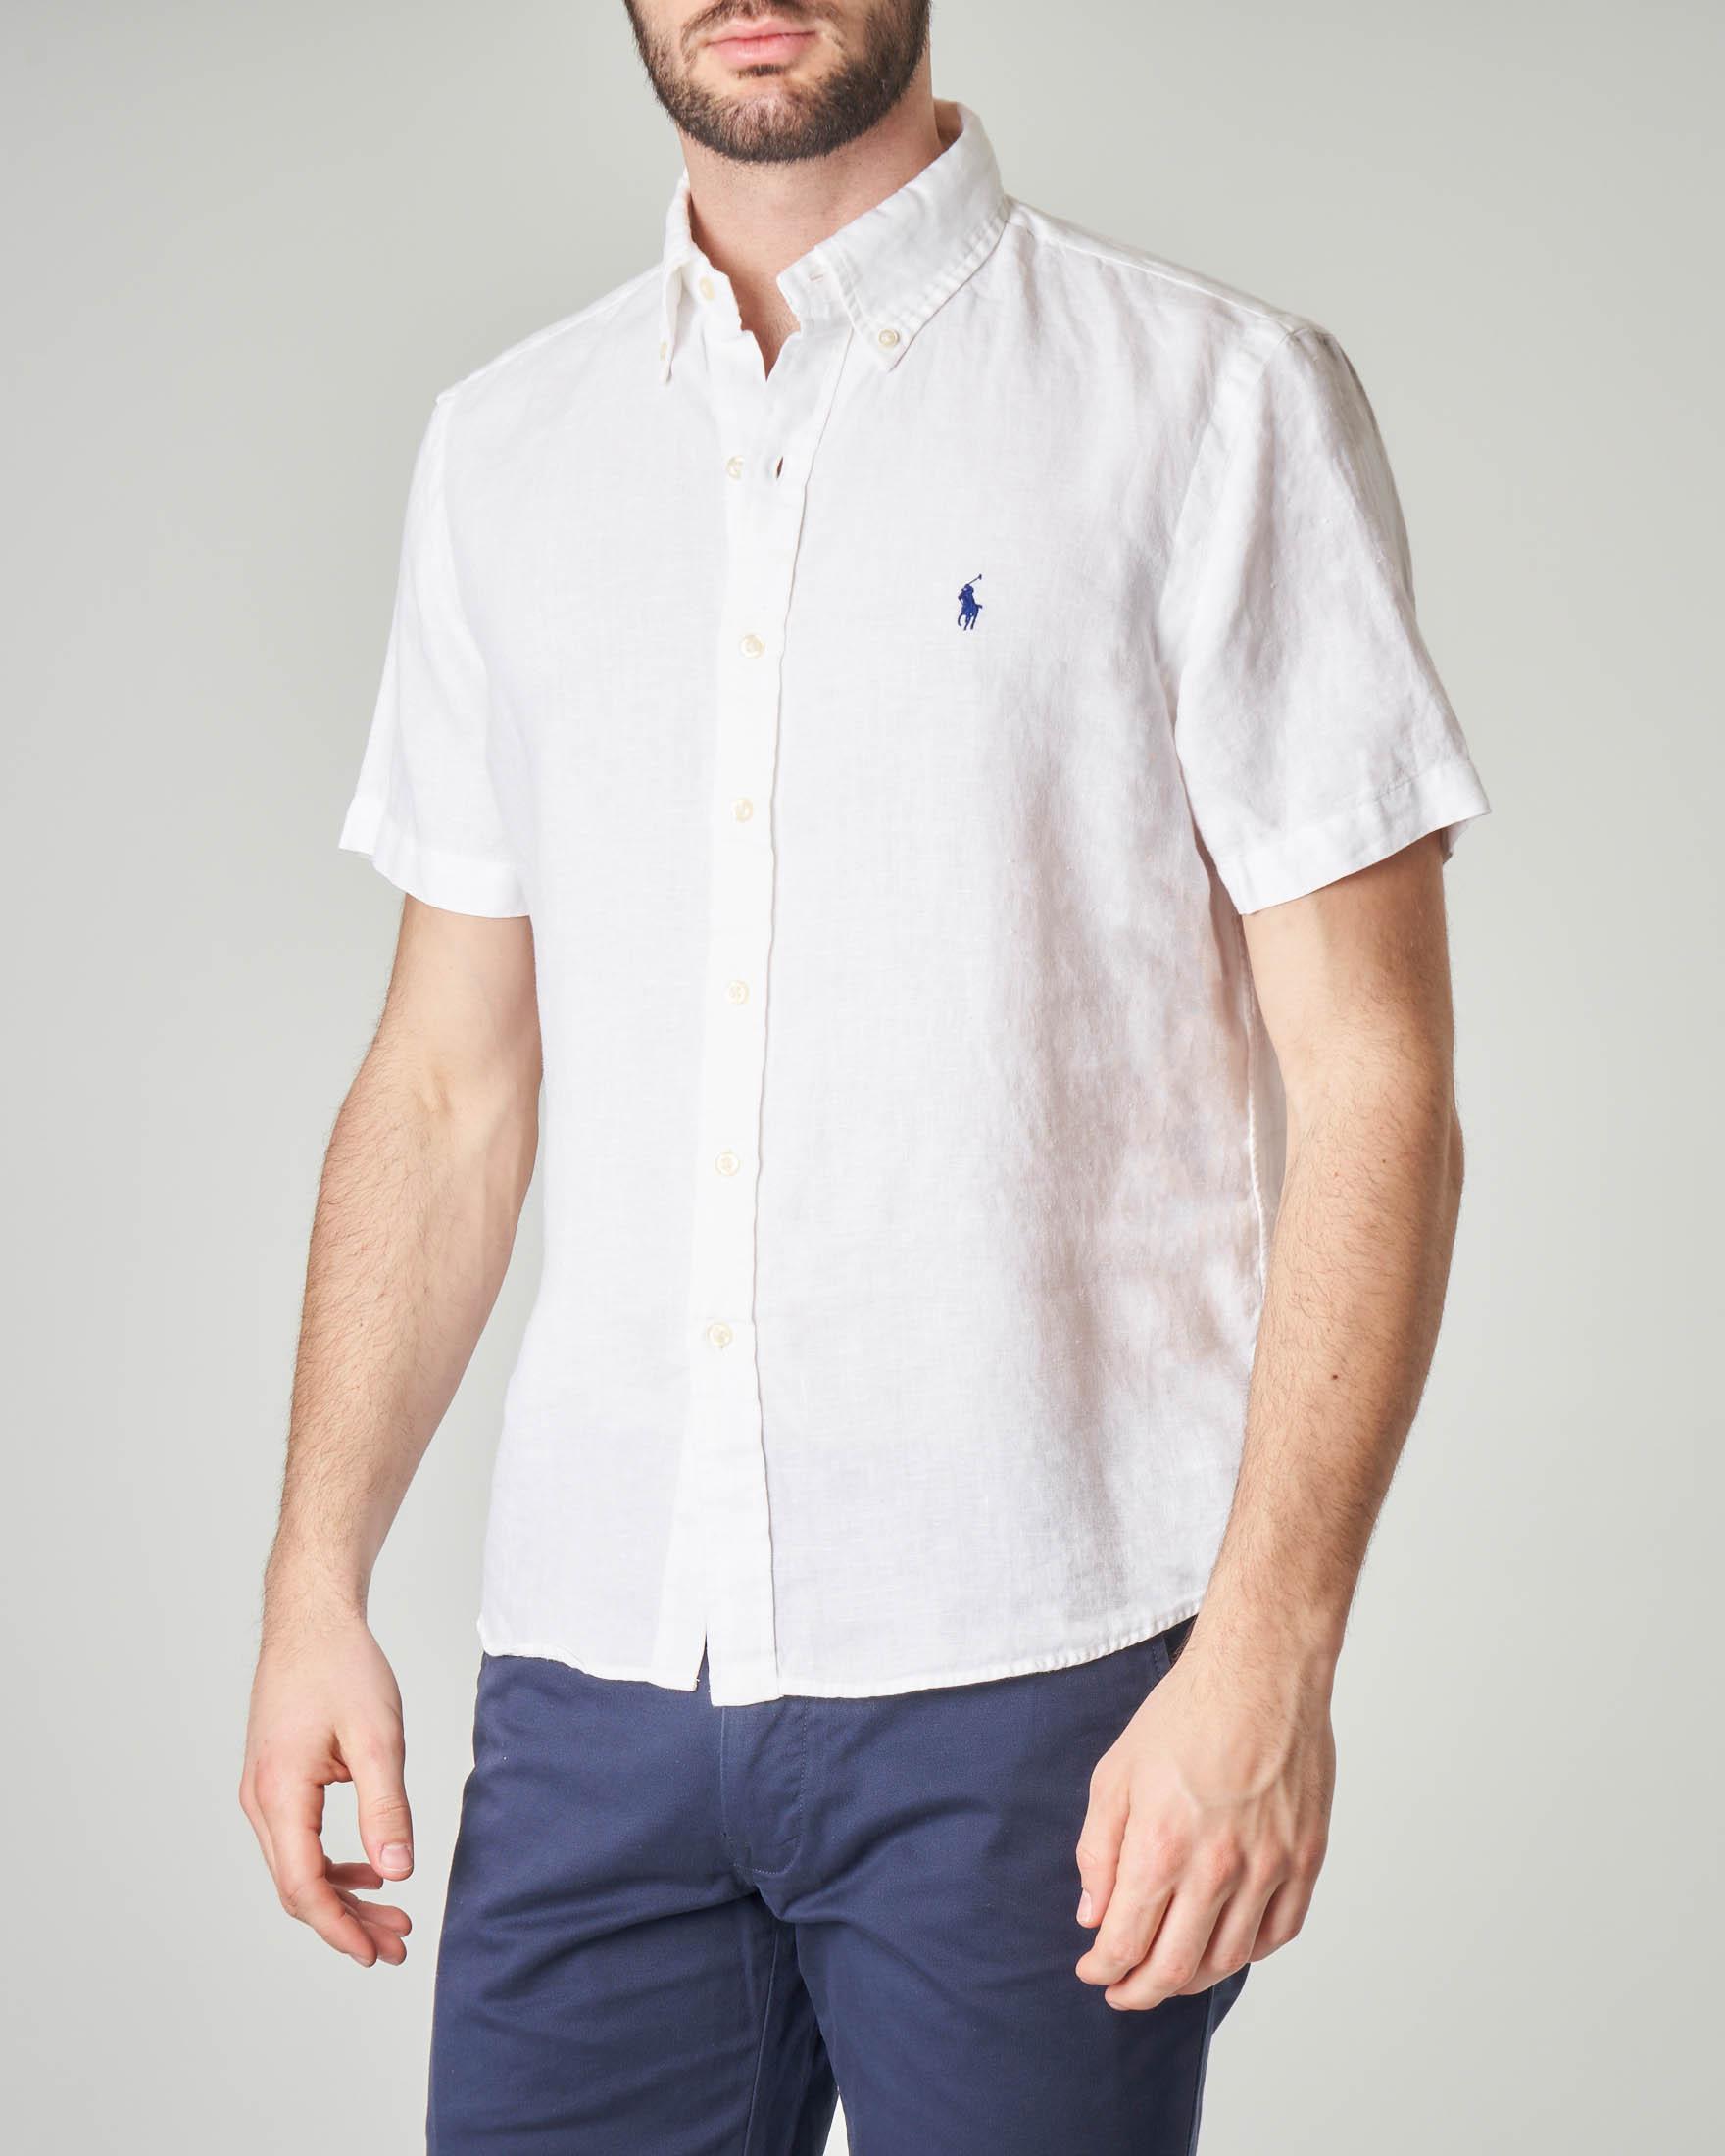 Camicia bianca mezza manica in lino